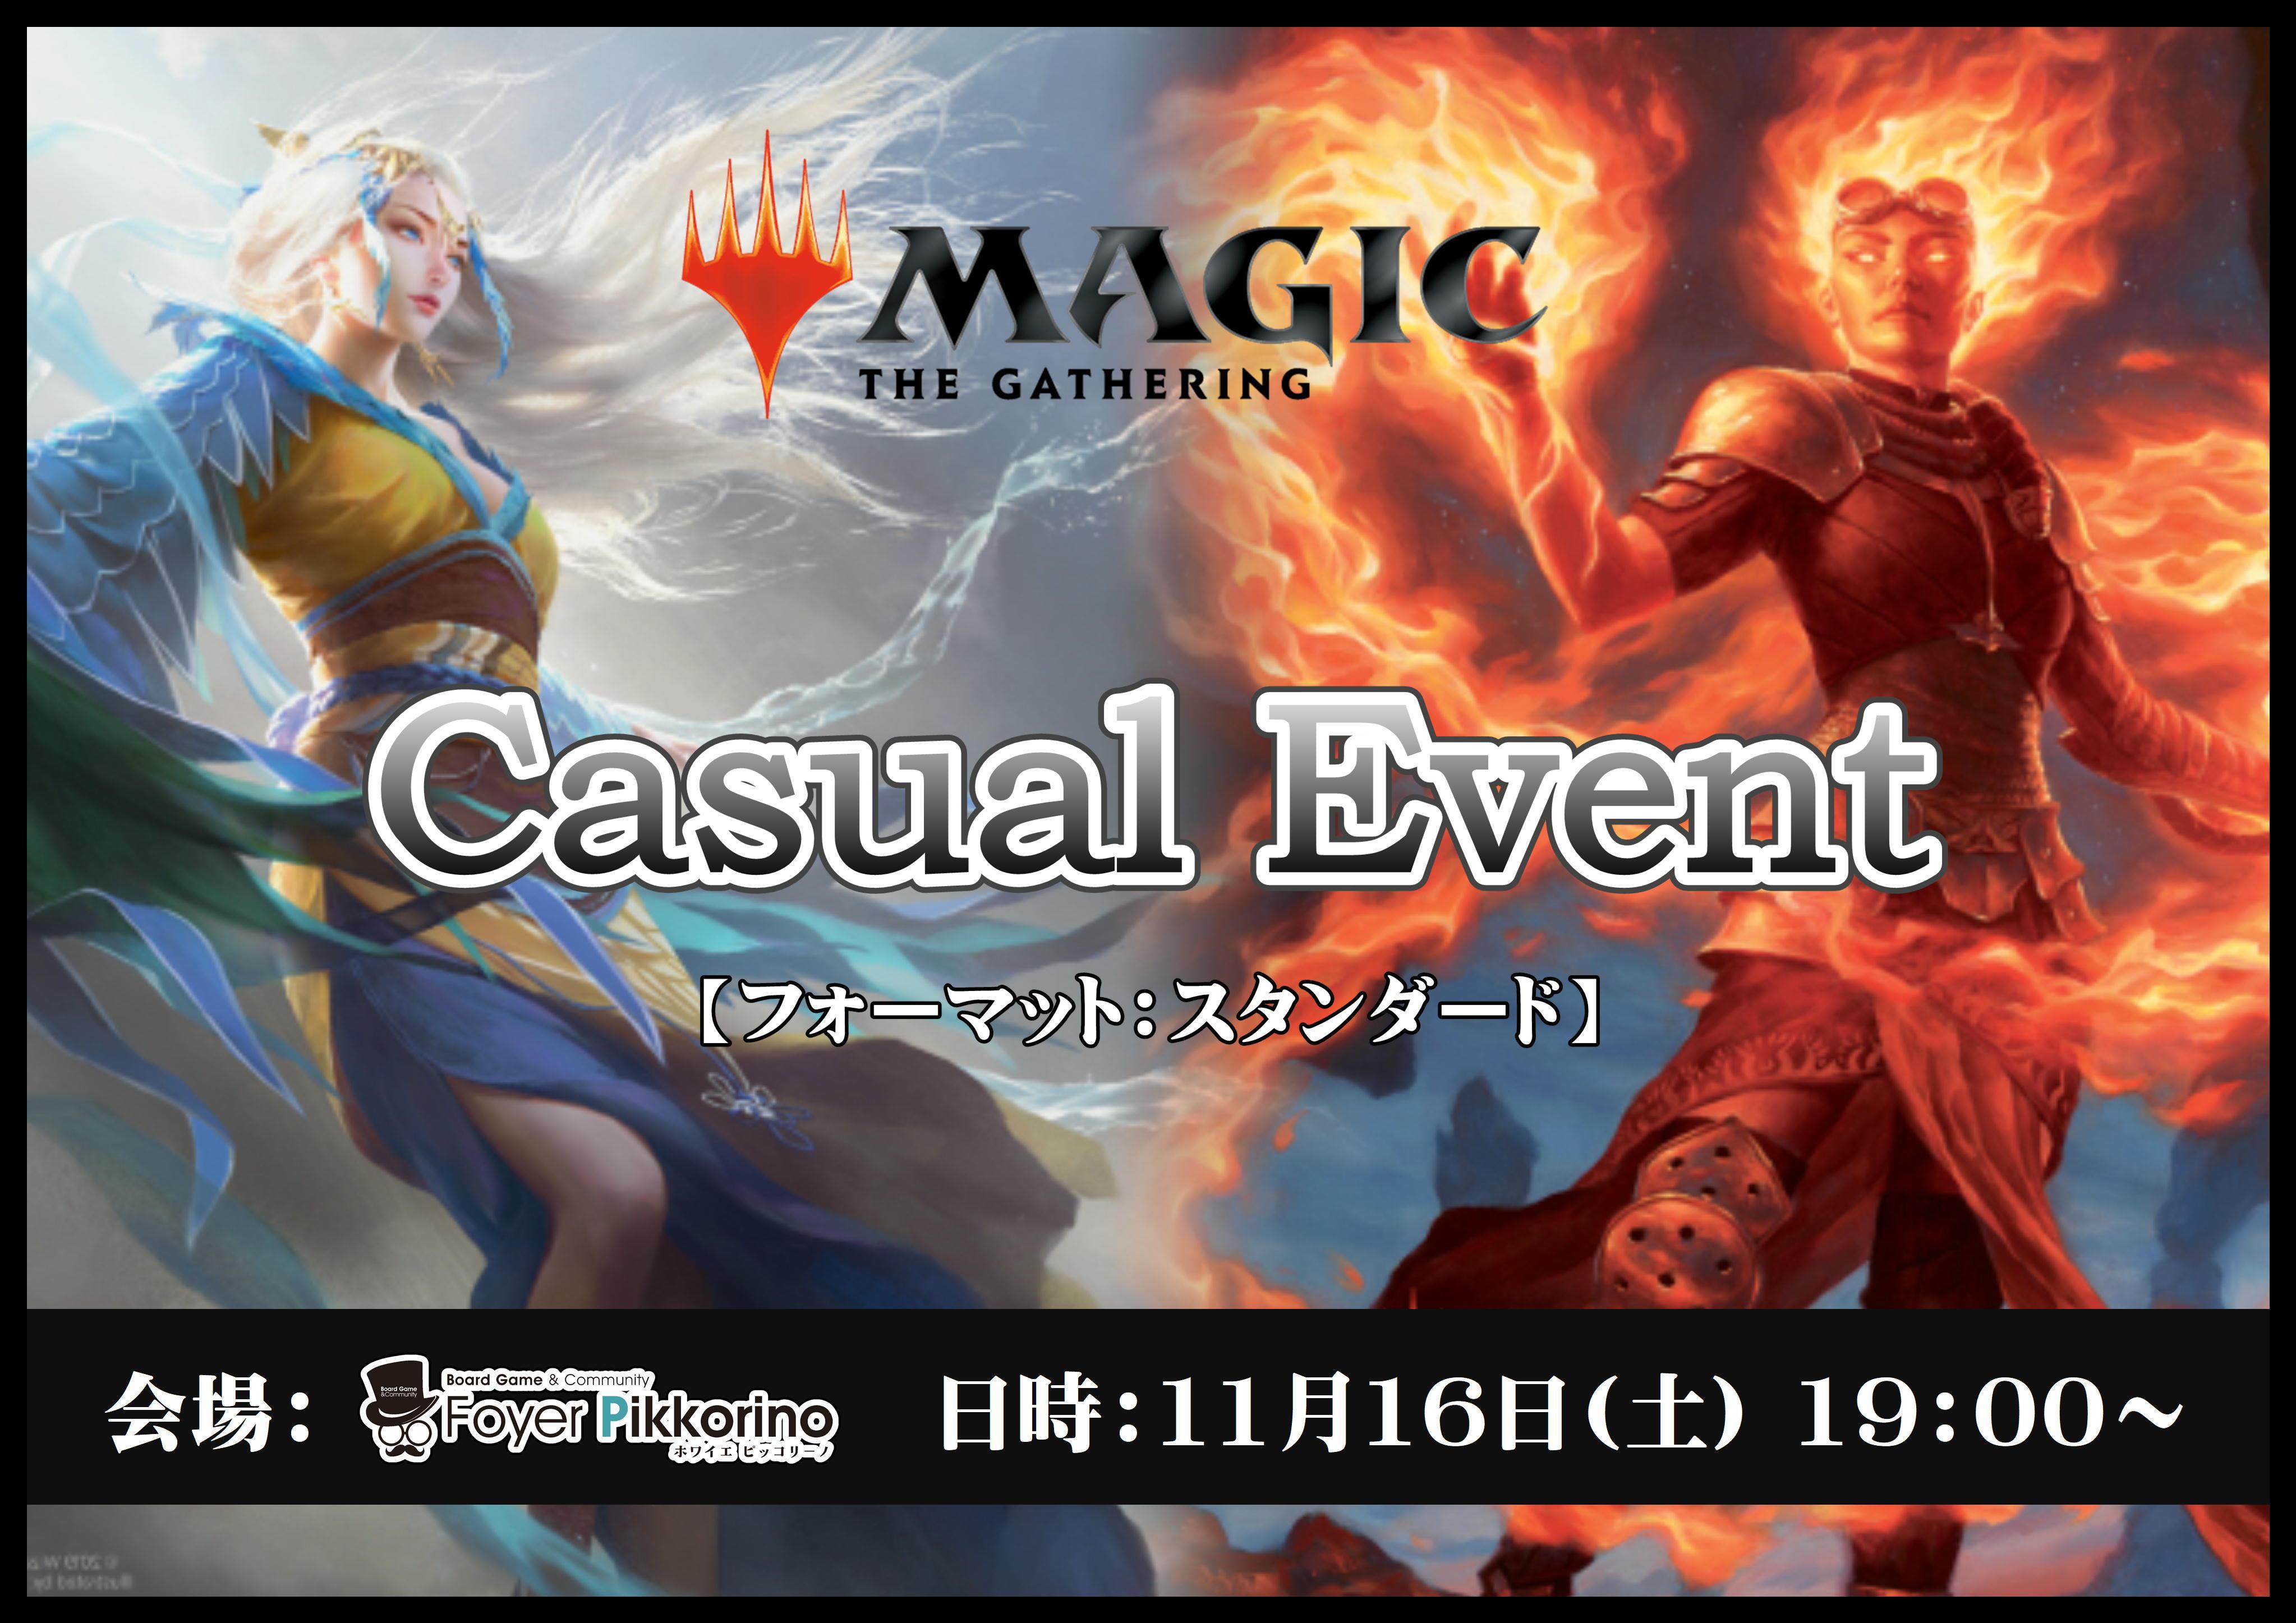 【11/16(土)】マジック・カジュアルイベント